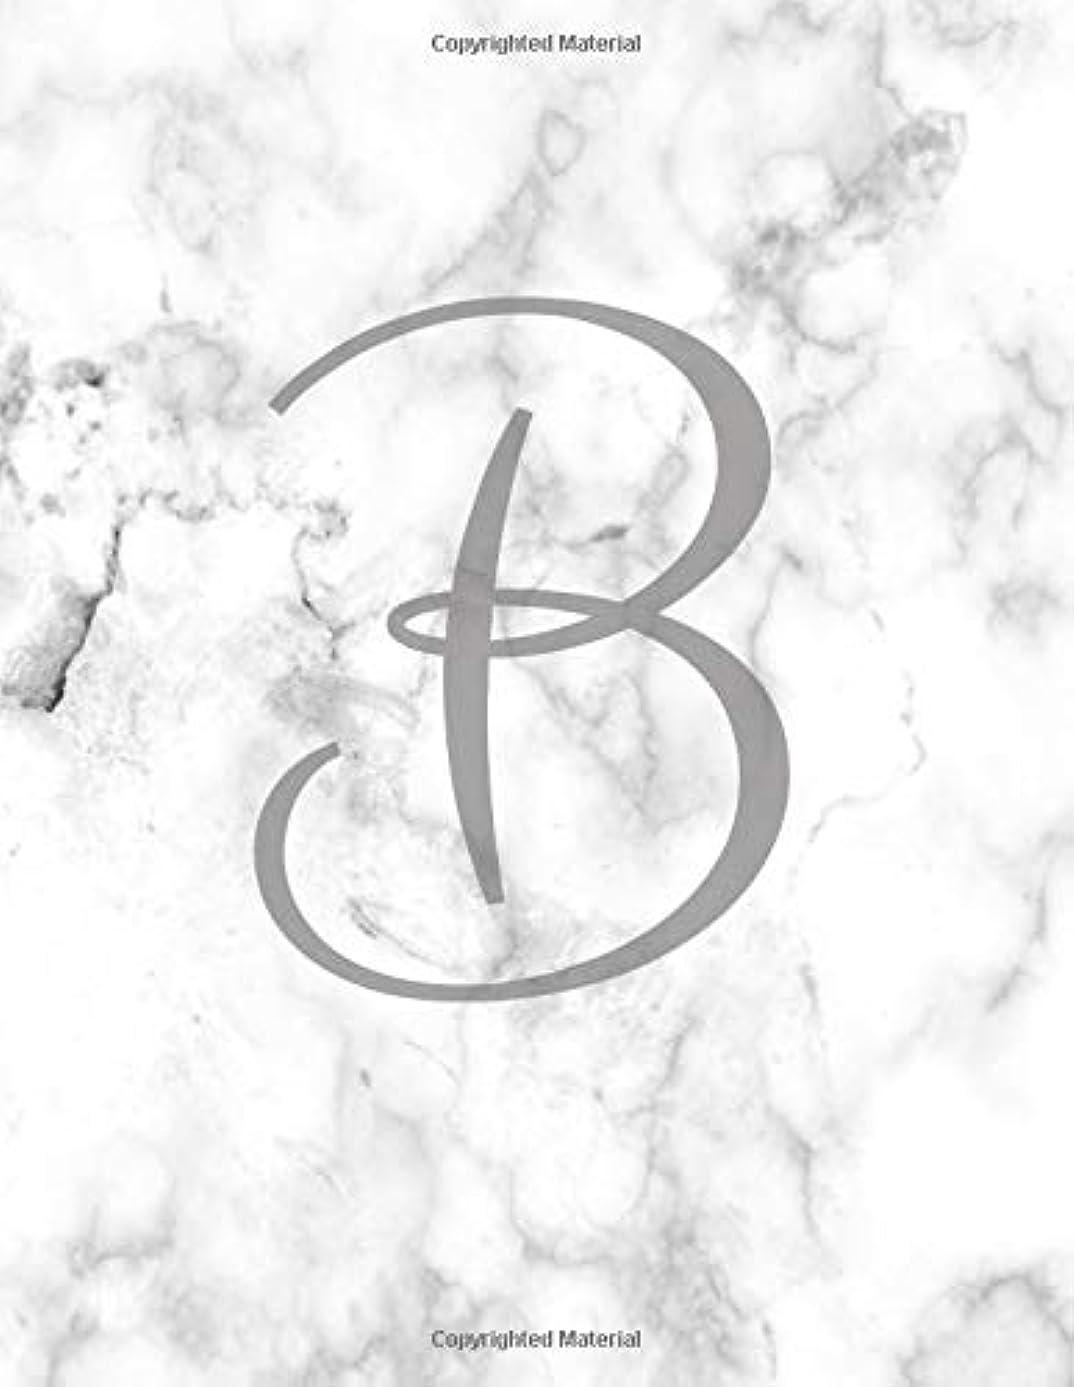 戦う車両食料品店B: Monogram Initial B Notebook for Women and Girls-Grey Marble-120 Pages 8.5 x 11